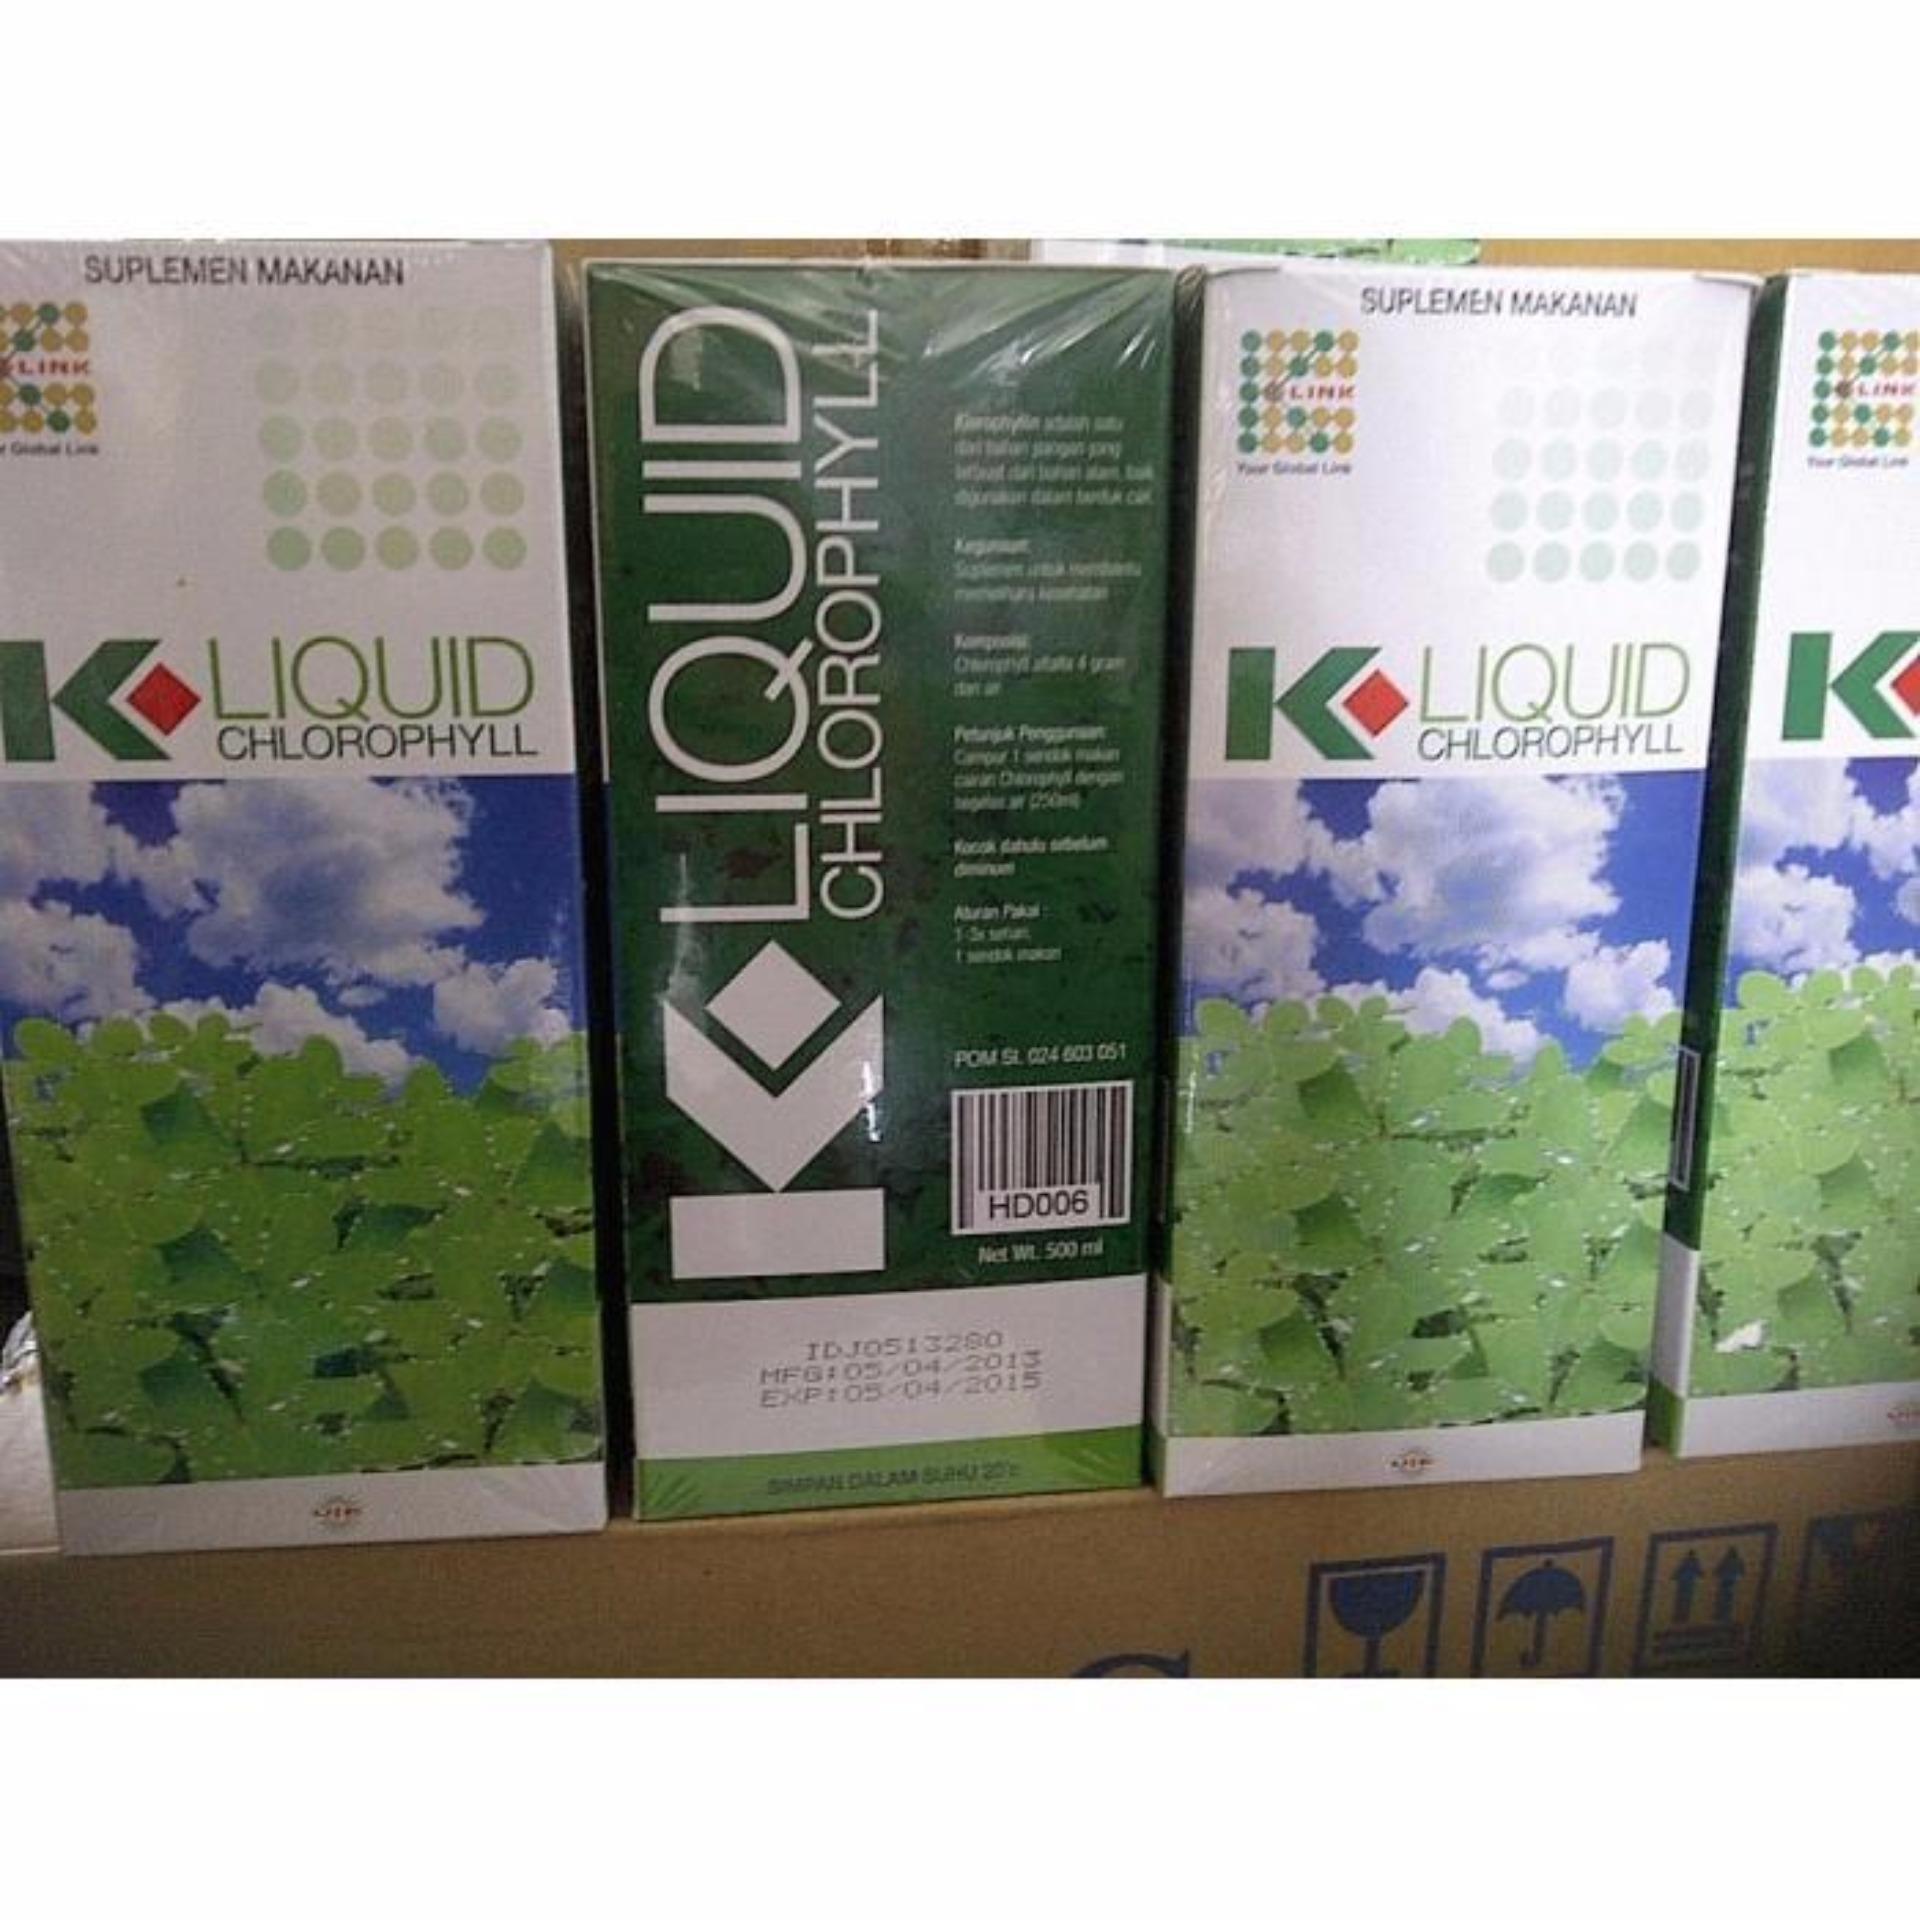 Diskon Penjualan K Chlorophyll Suplemen Kesehatan Pencari Harga Liquid